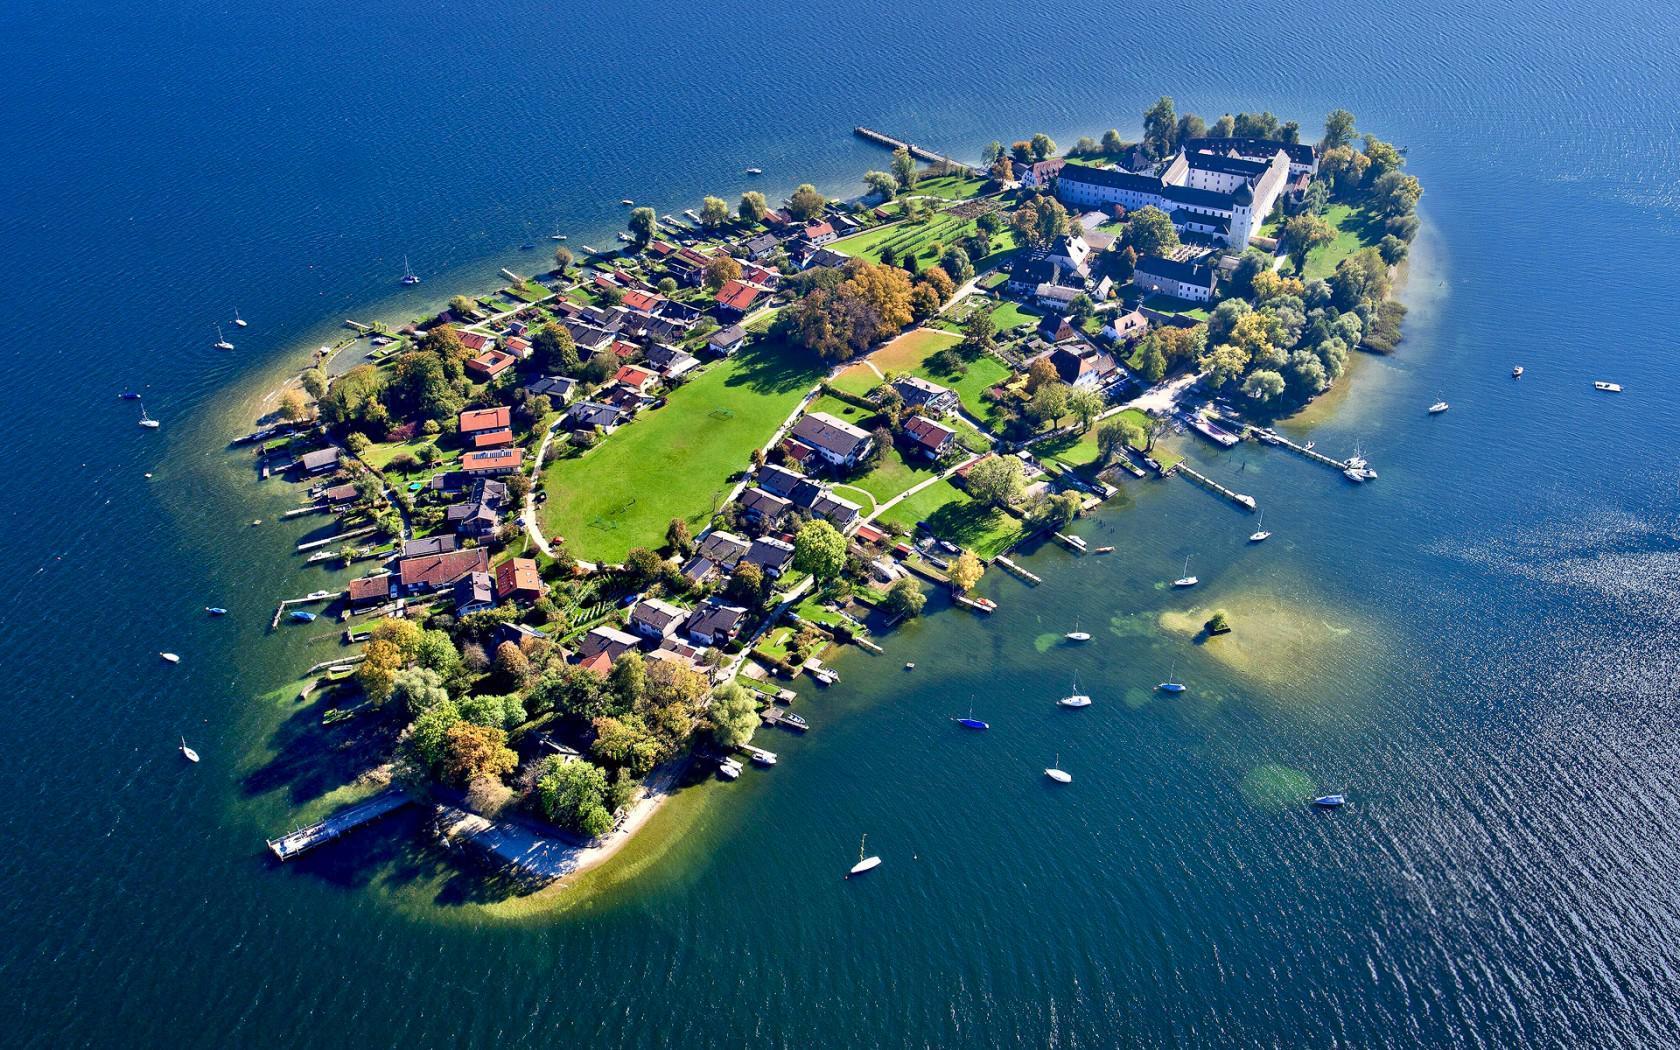 基姆湖 (Chiemsee)-慕尼黑(65KM)